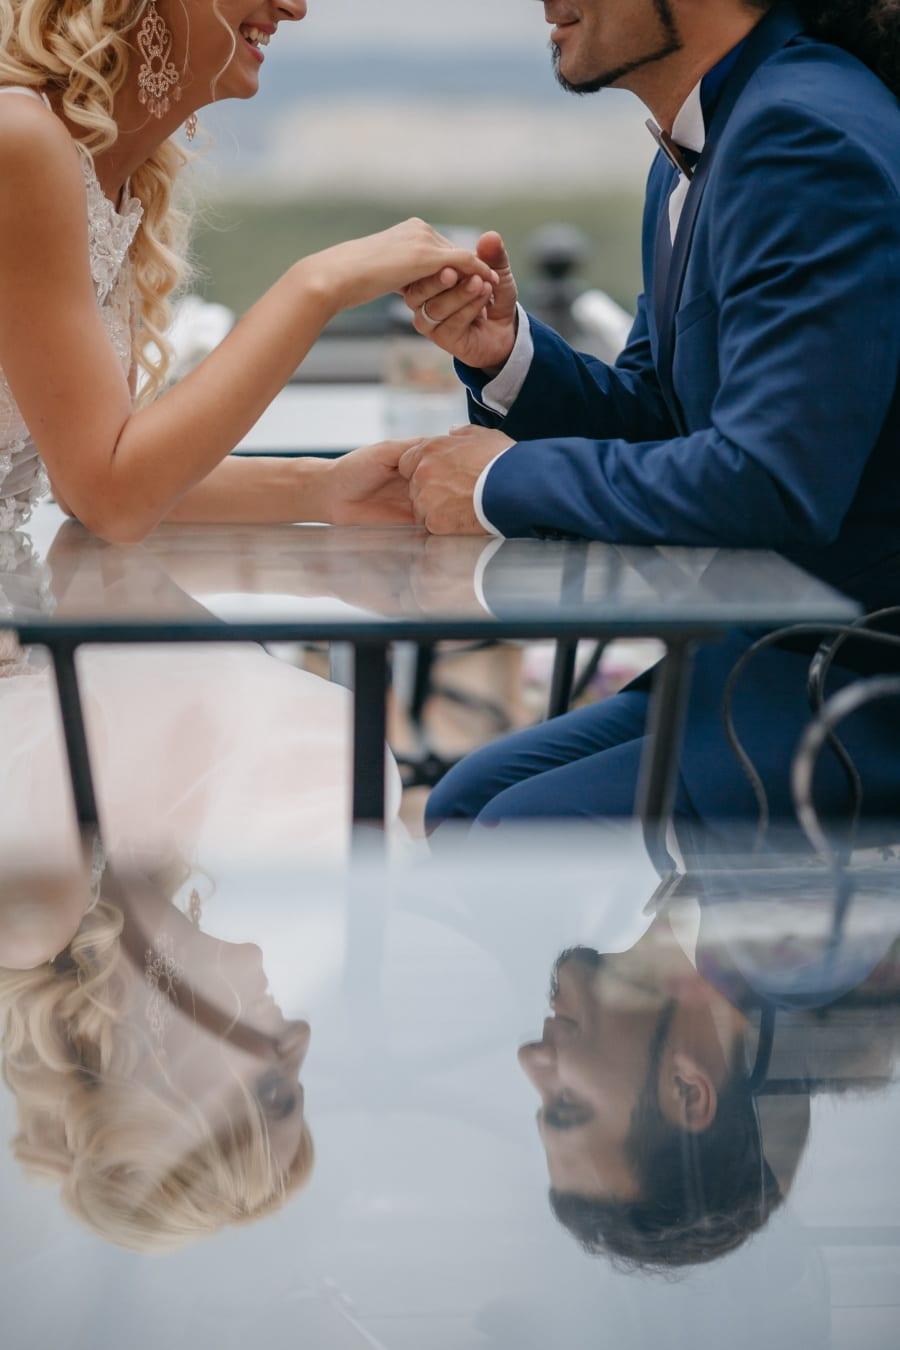 déjeuner, romantique, bonne humeur, petit ami, petite amie, table, réflexion, femme, homme, gens